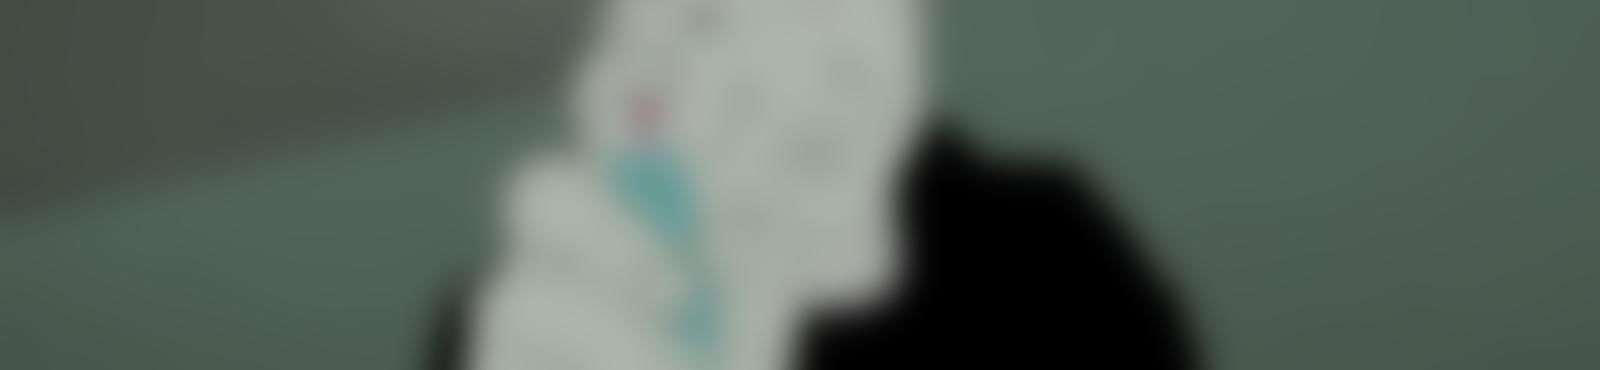 Blurred aa424d11 e68b 4831 946e 456a7da2c1da